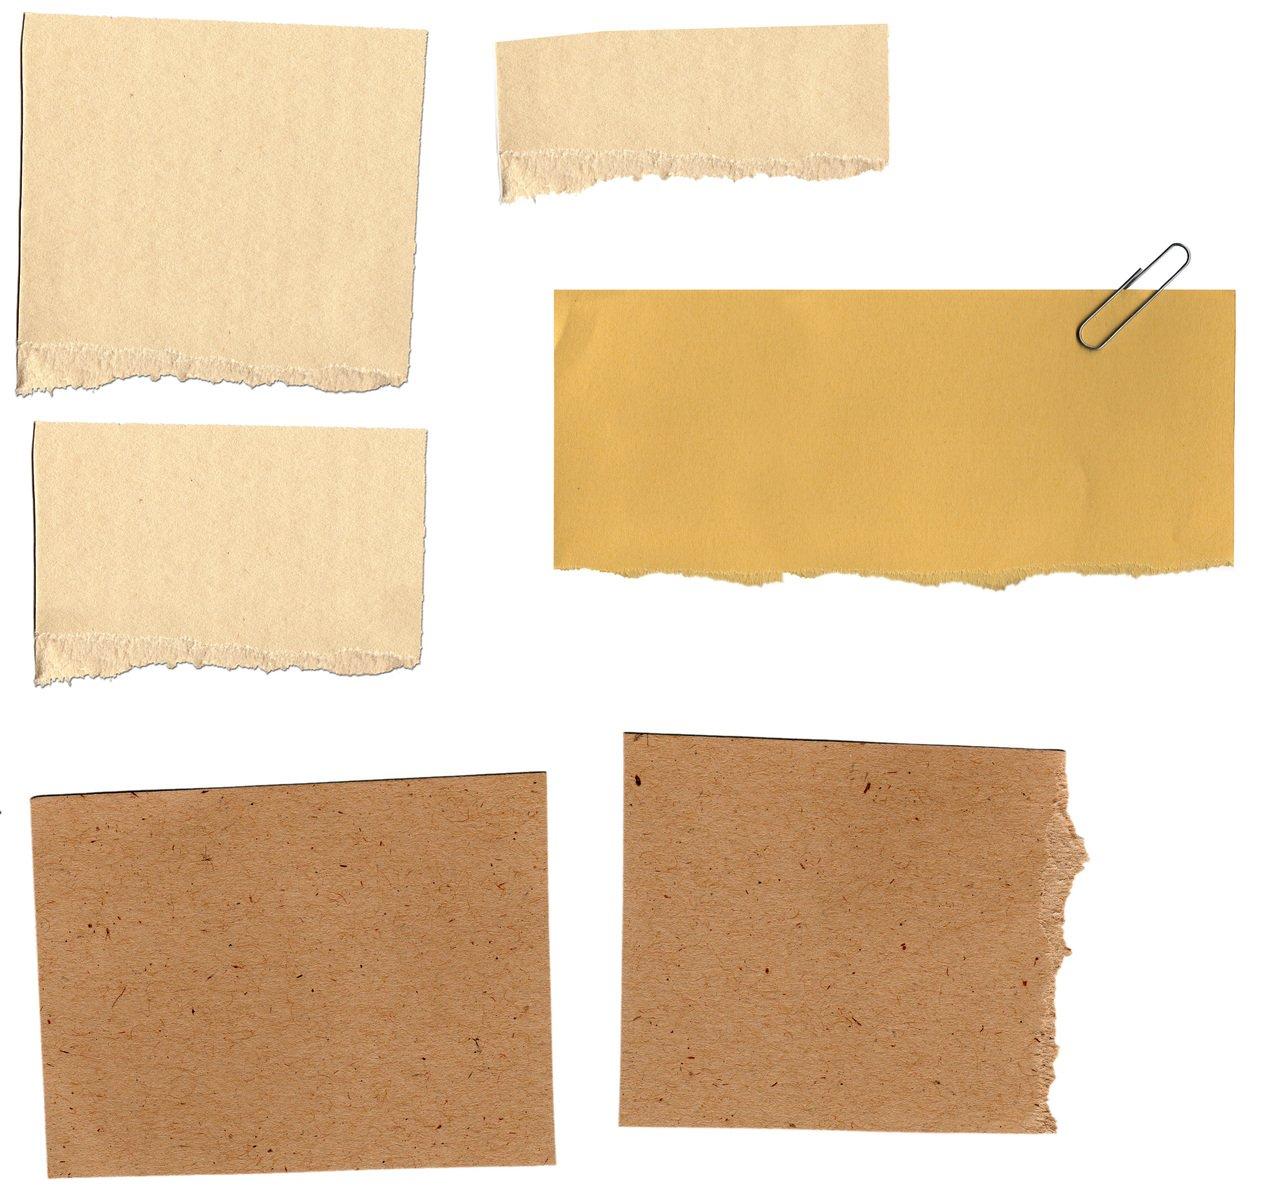 Как сделать рваный лист в фотошопе